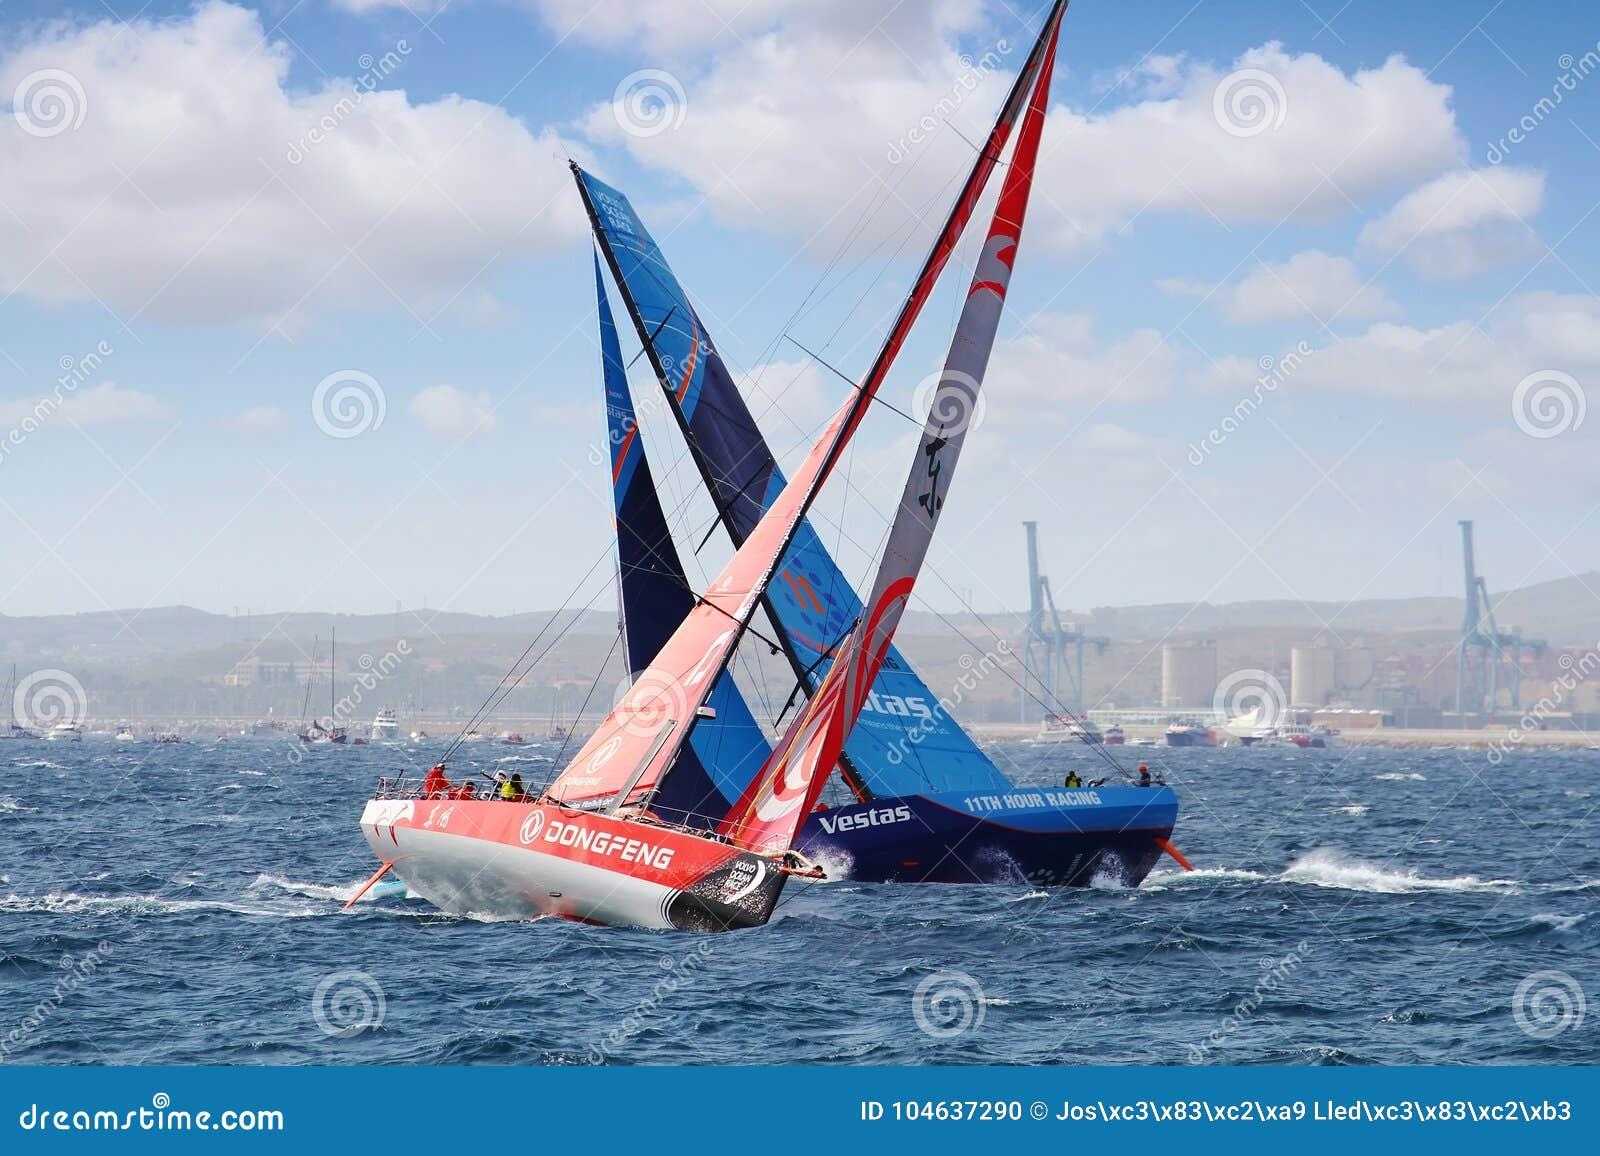 Download Team Vestas Die Tegen Team Dongfeng In Beginbeen 1 Vechten Alicante-Lissabon Redactionele Afbeelding - Afbeelding bestaande uit schip, vervoer: 104637290